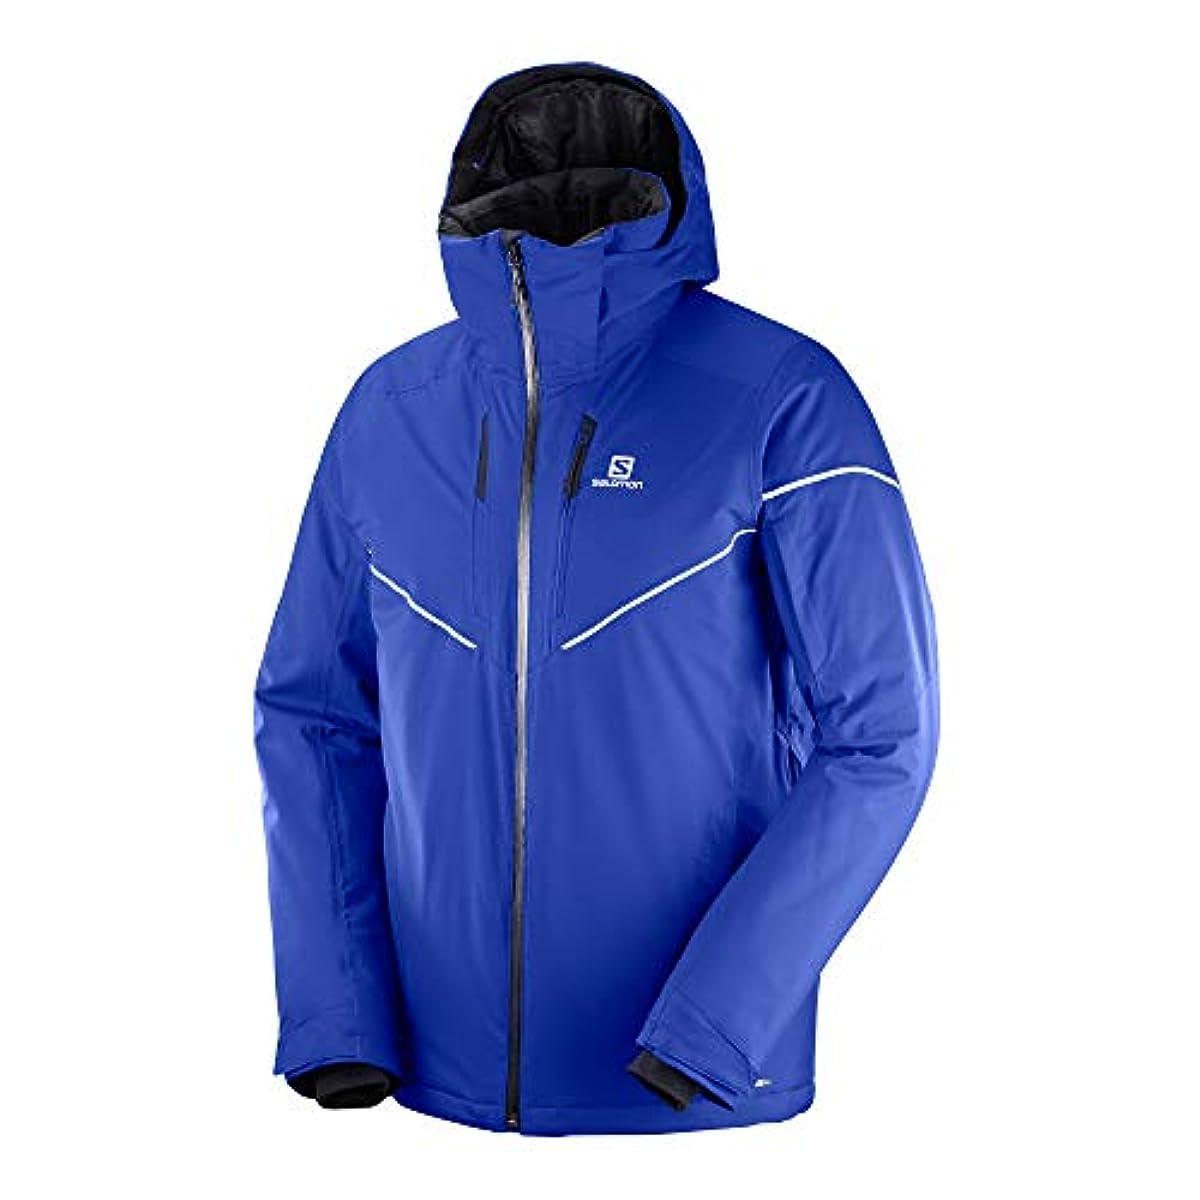 [해외] 살로몬SALOMON 스키 웨어 맨즈 재킷 STORMRACE JACKET MEN 스톰 레이스 재킷 맨즈 2018-19년 모델 사이즈S~XL